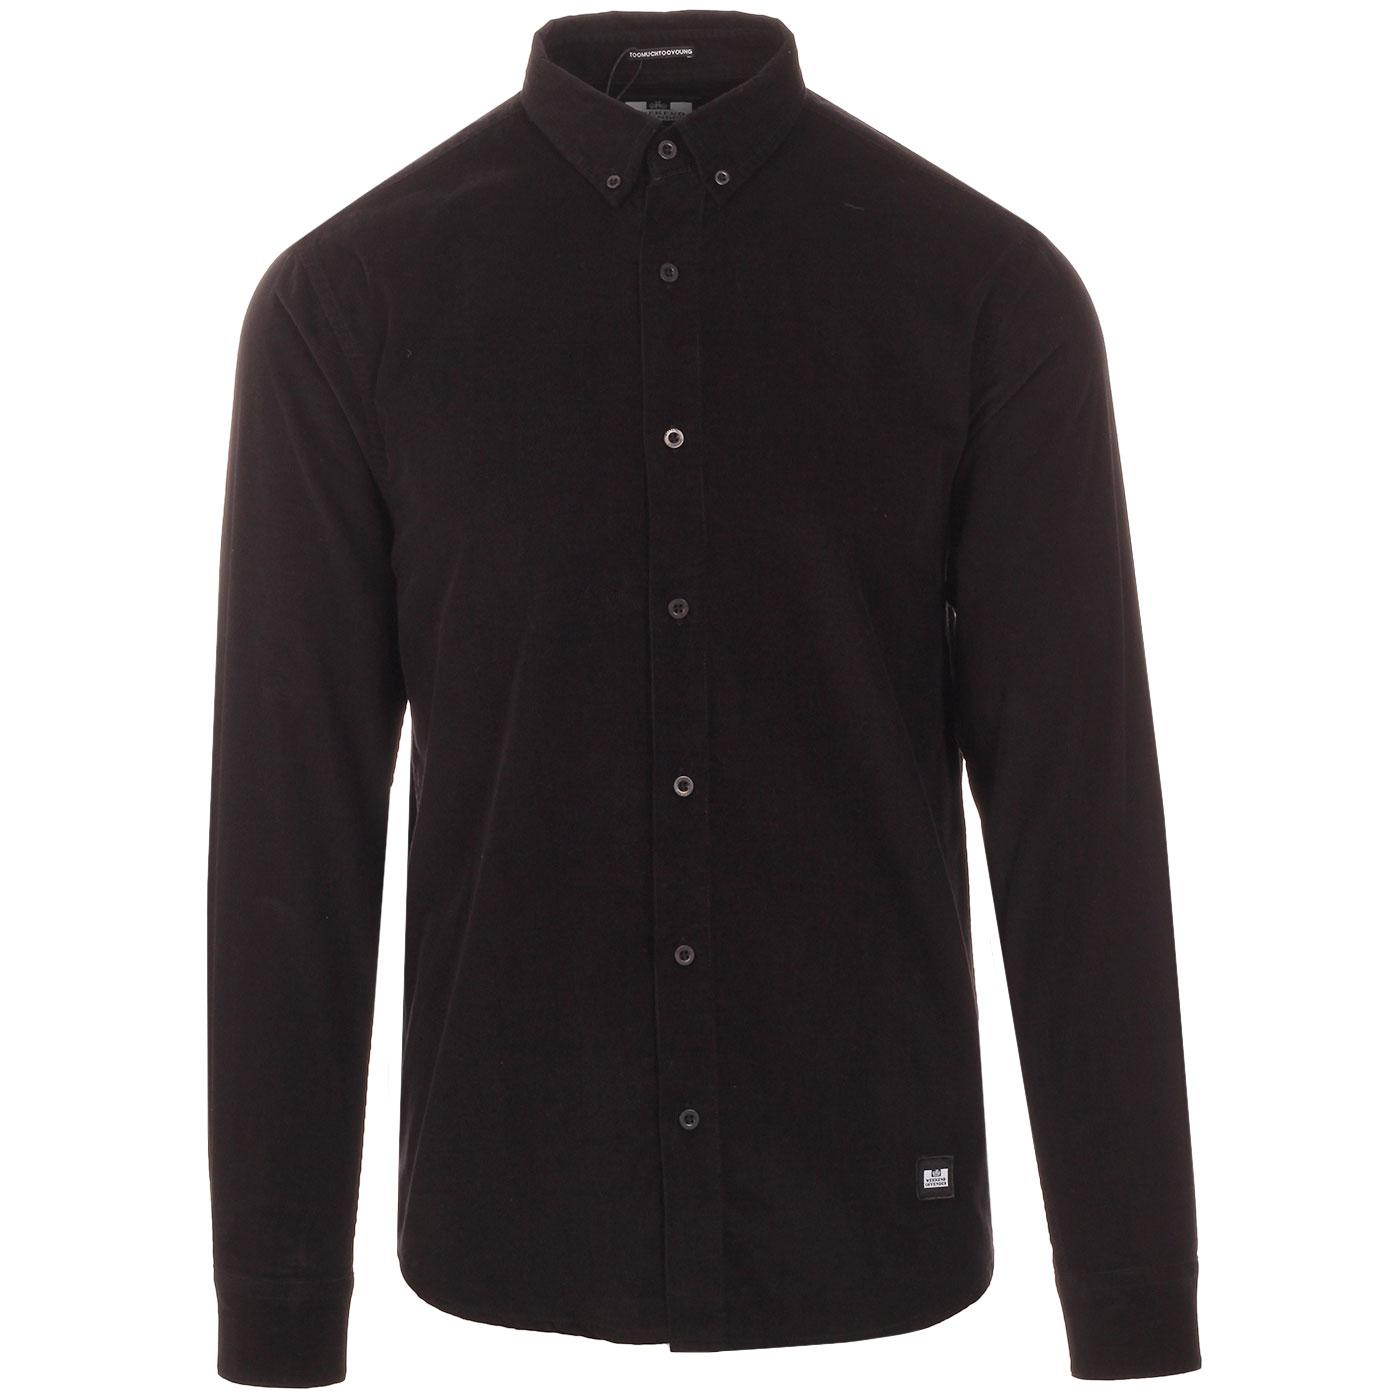 Belem WEEKEND OFFENDER Retro Mod Cord BD Shirt (B)